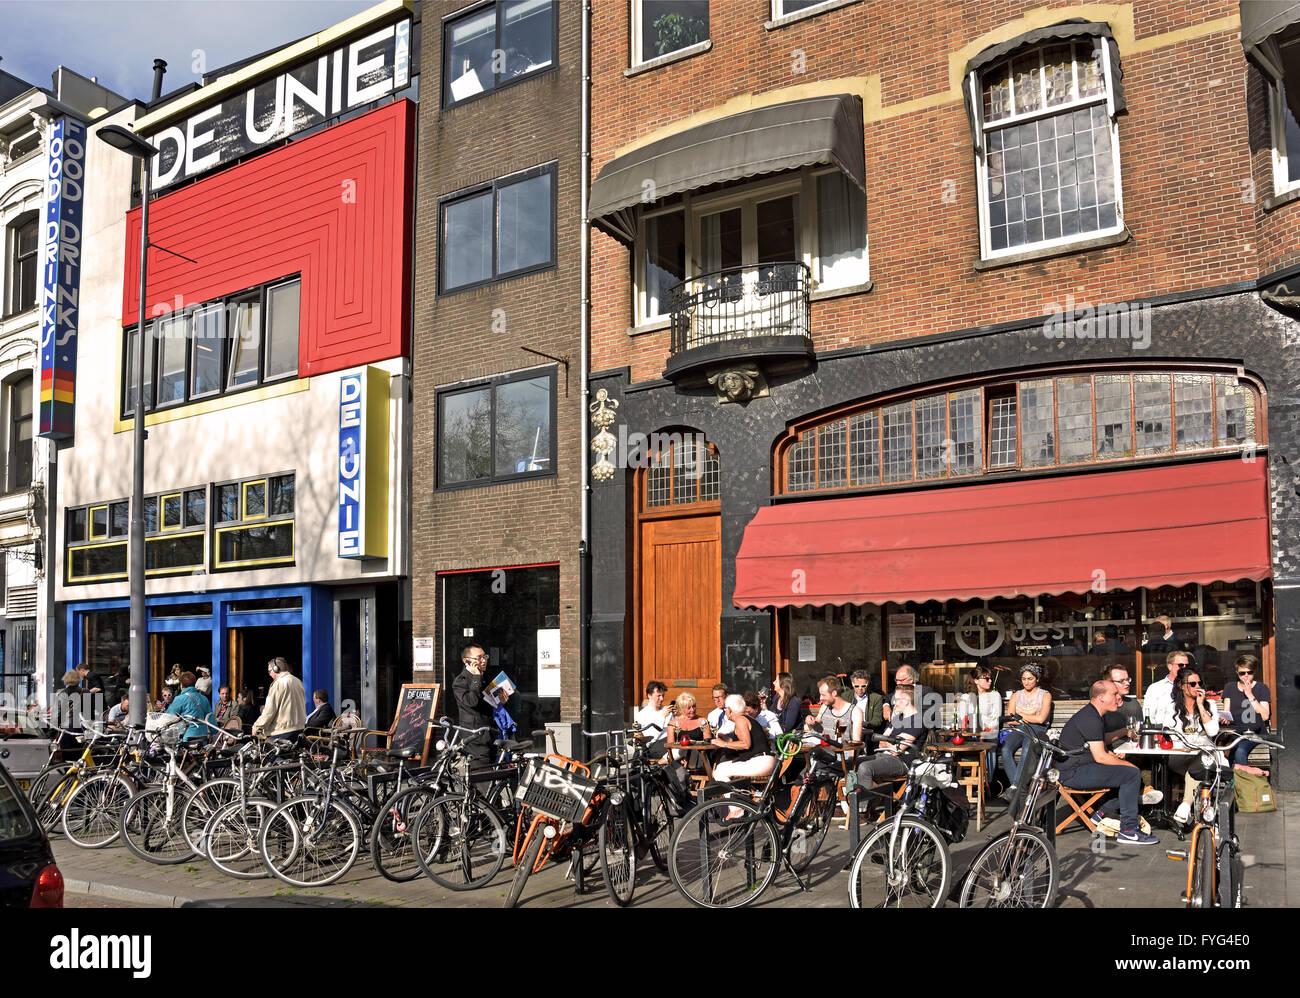 Top Café de Unie ( architect JJP Oud's ) L'OUEST ( wine bar restaurant &GT73